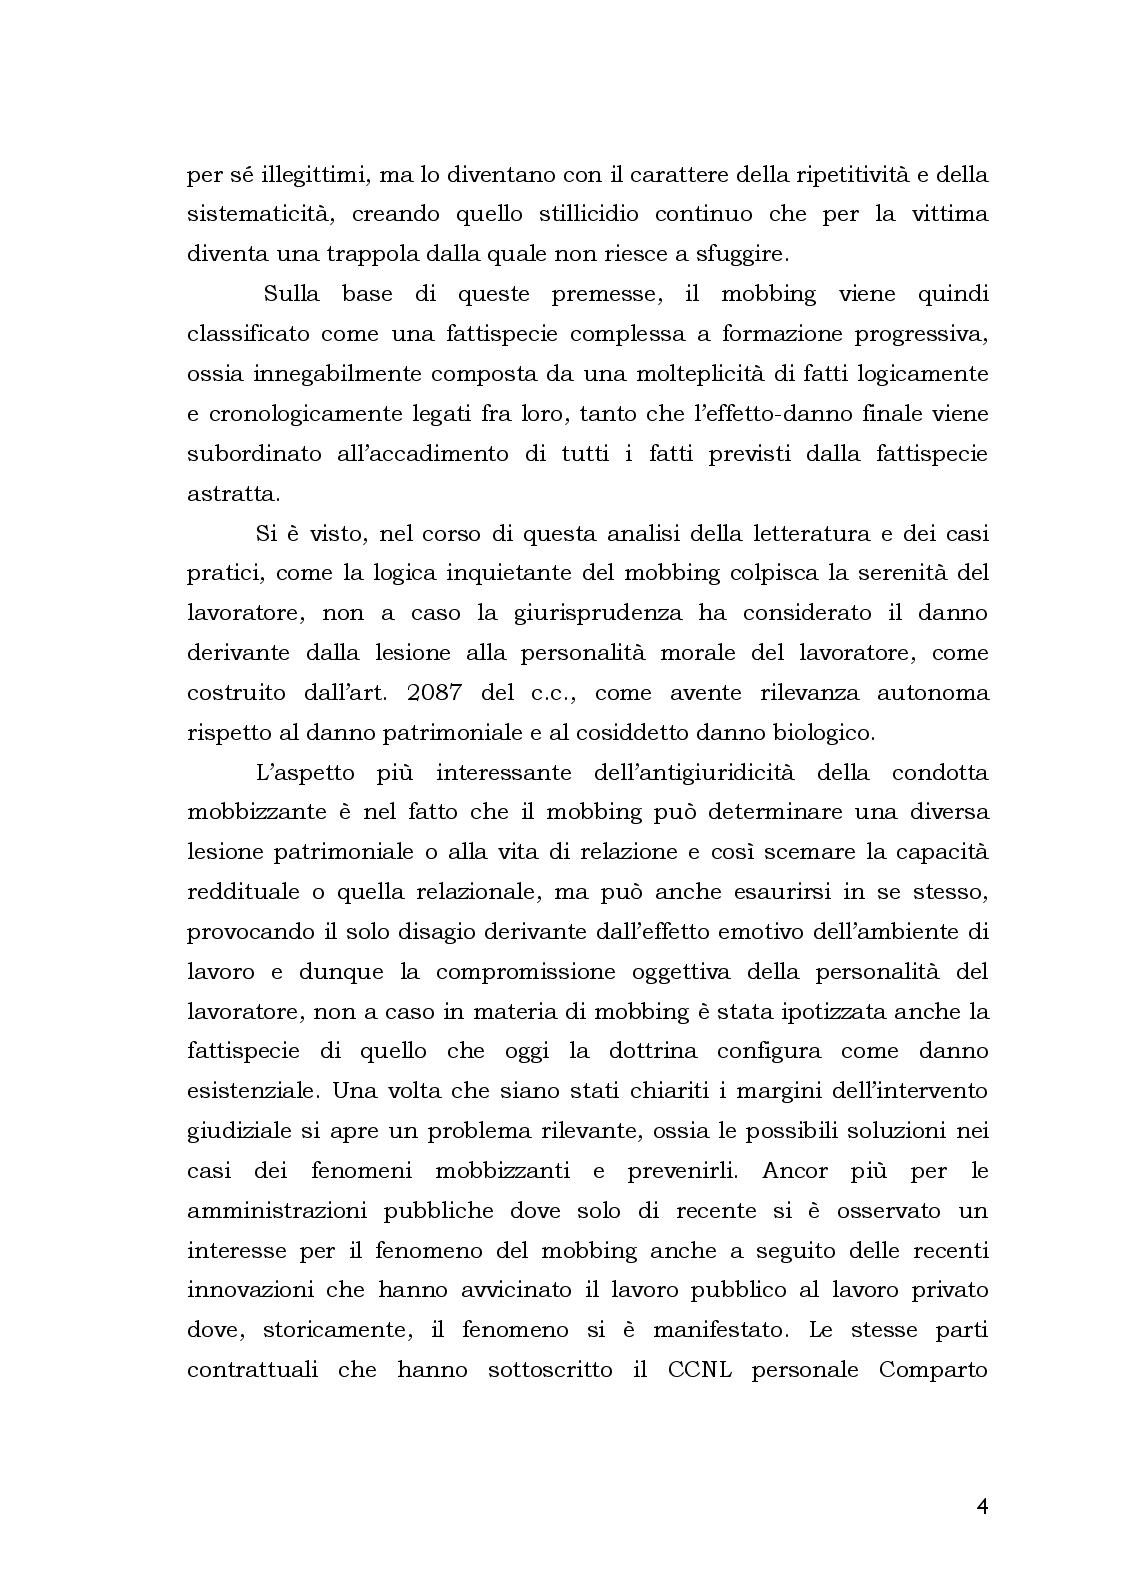 Anteprima della tesi: Aspetti Psicosociali e Girudici del Mobbing nella Pubblica Amministrazione.  Analisi Comparata, Pagina 4